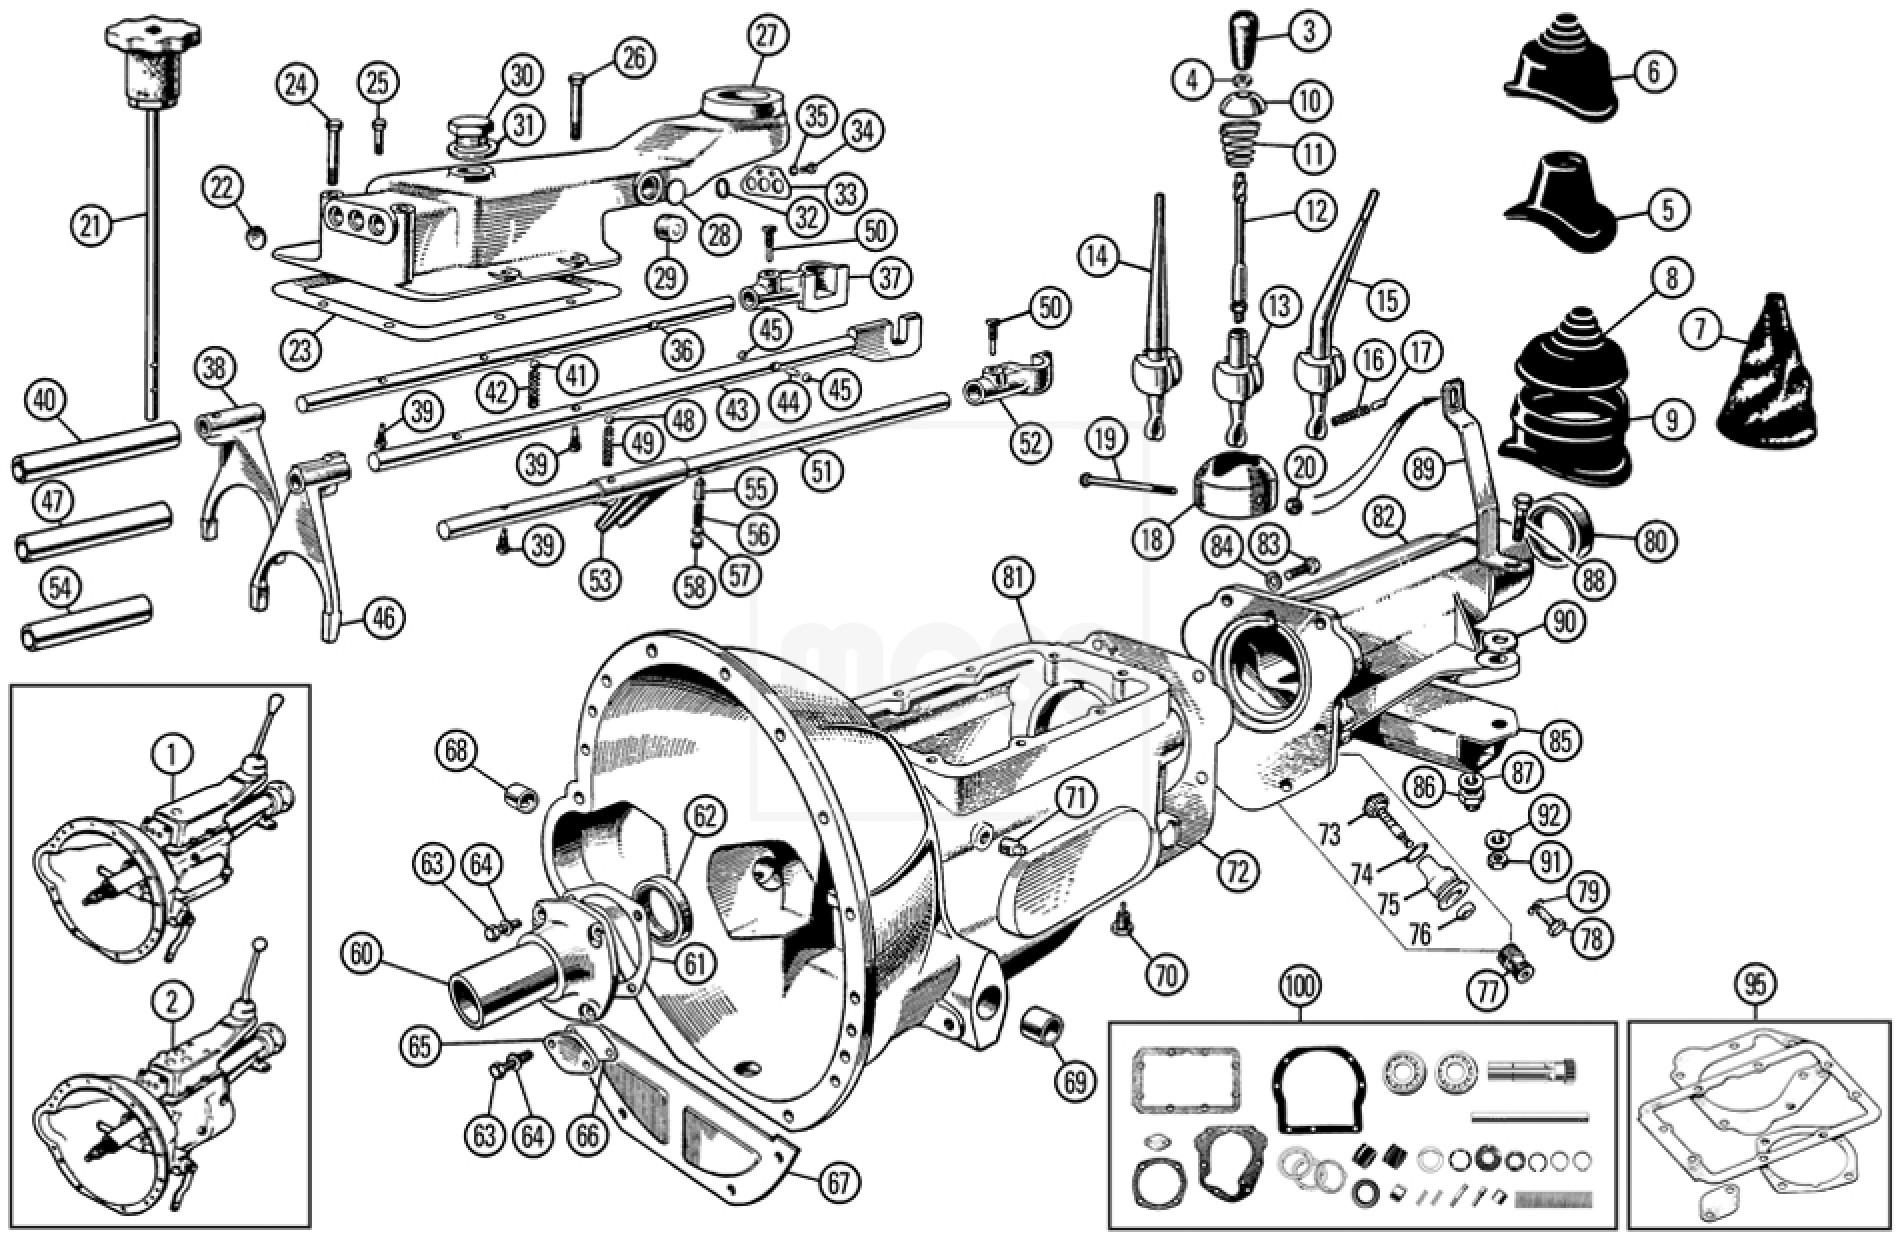 1970 mg midget wiring harness